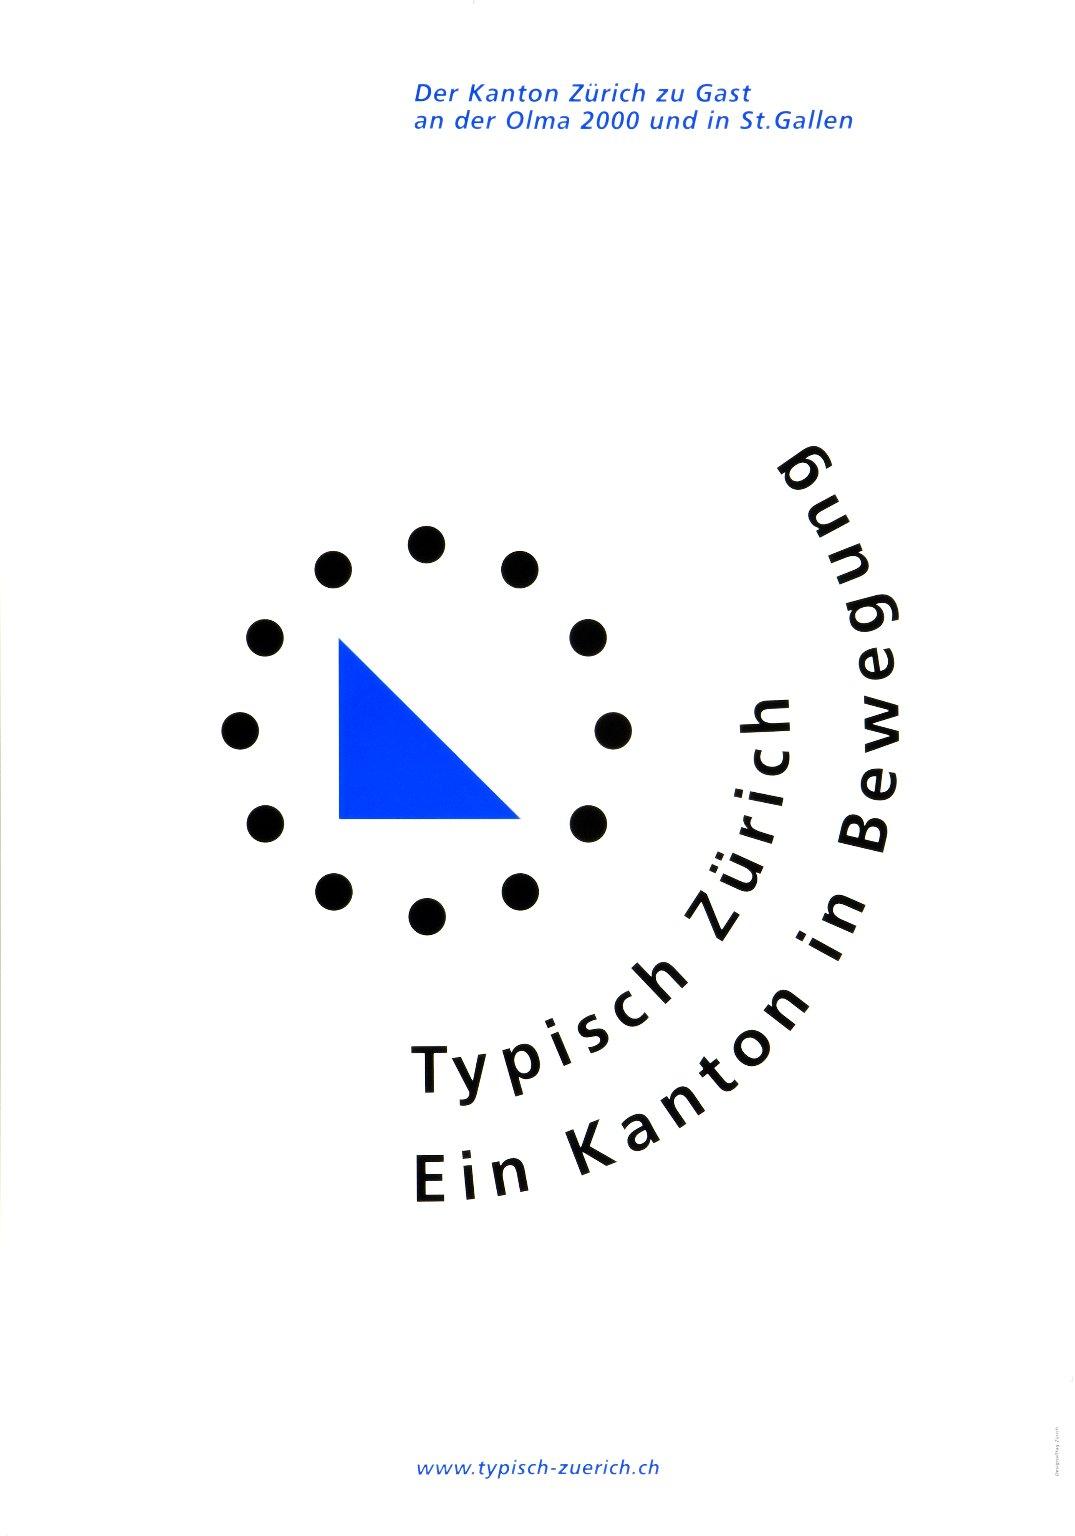 Typisch Zürich, Ein Kanton in Bewegung